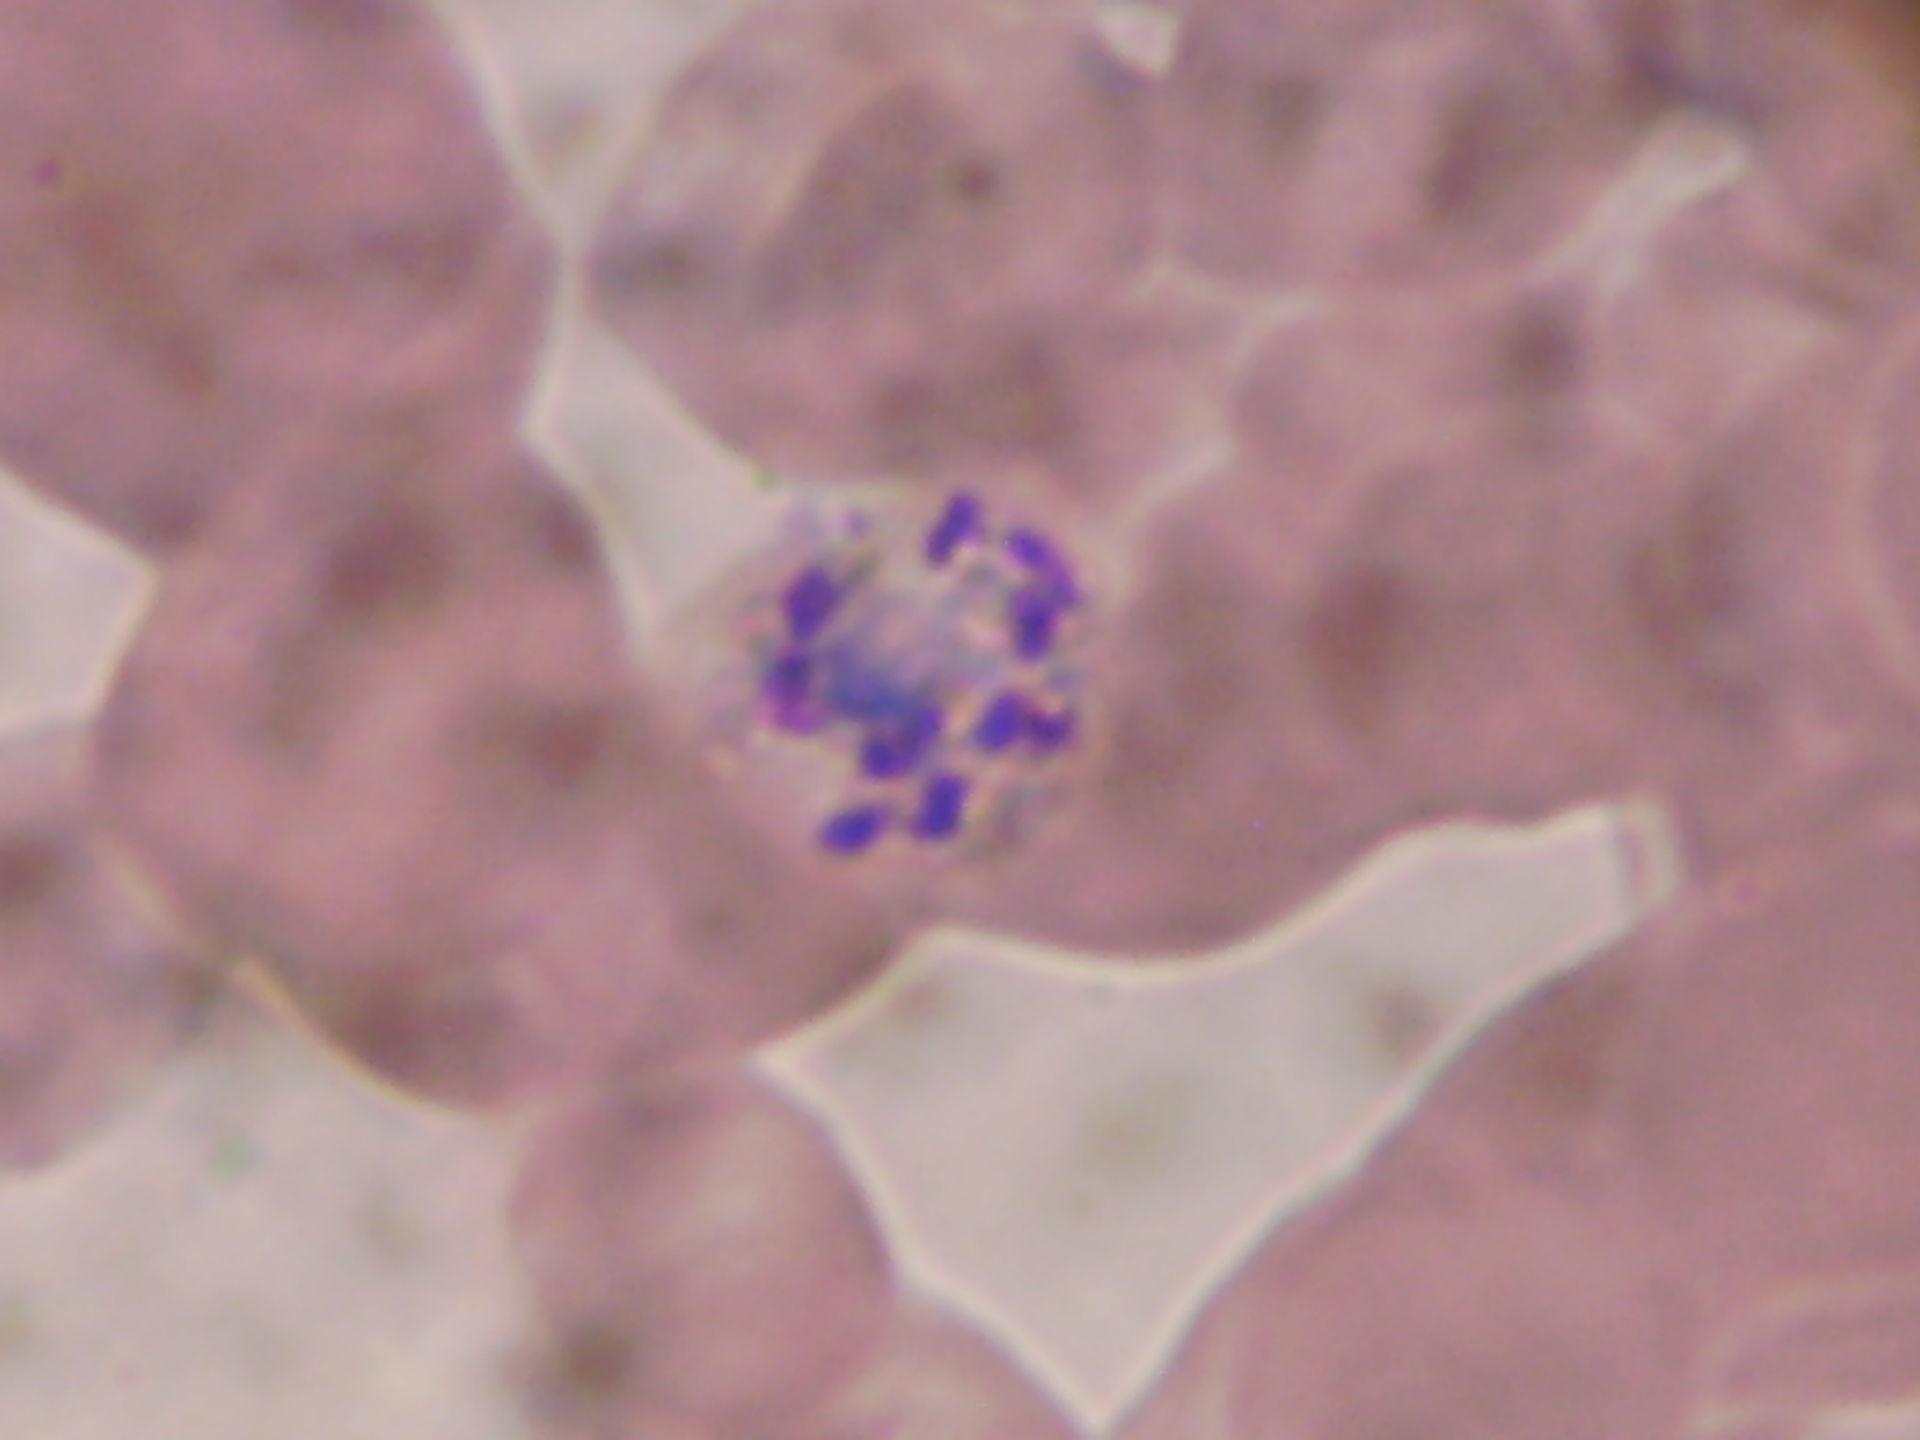 Plasmodium Malariae Schizont e